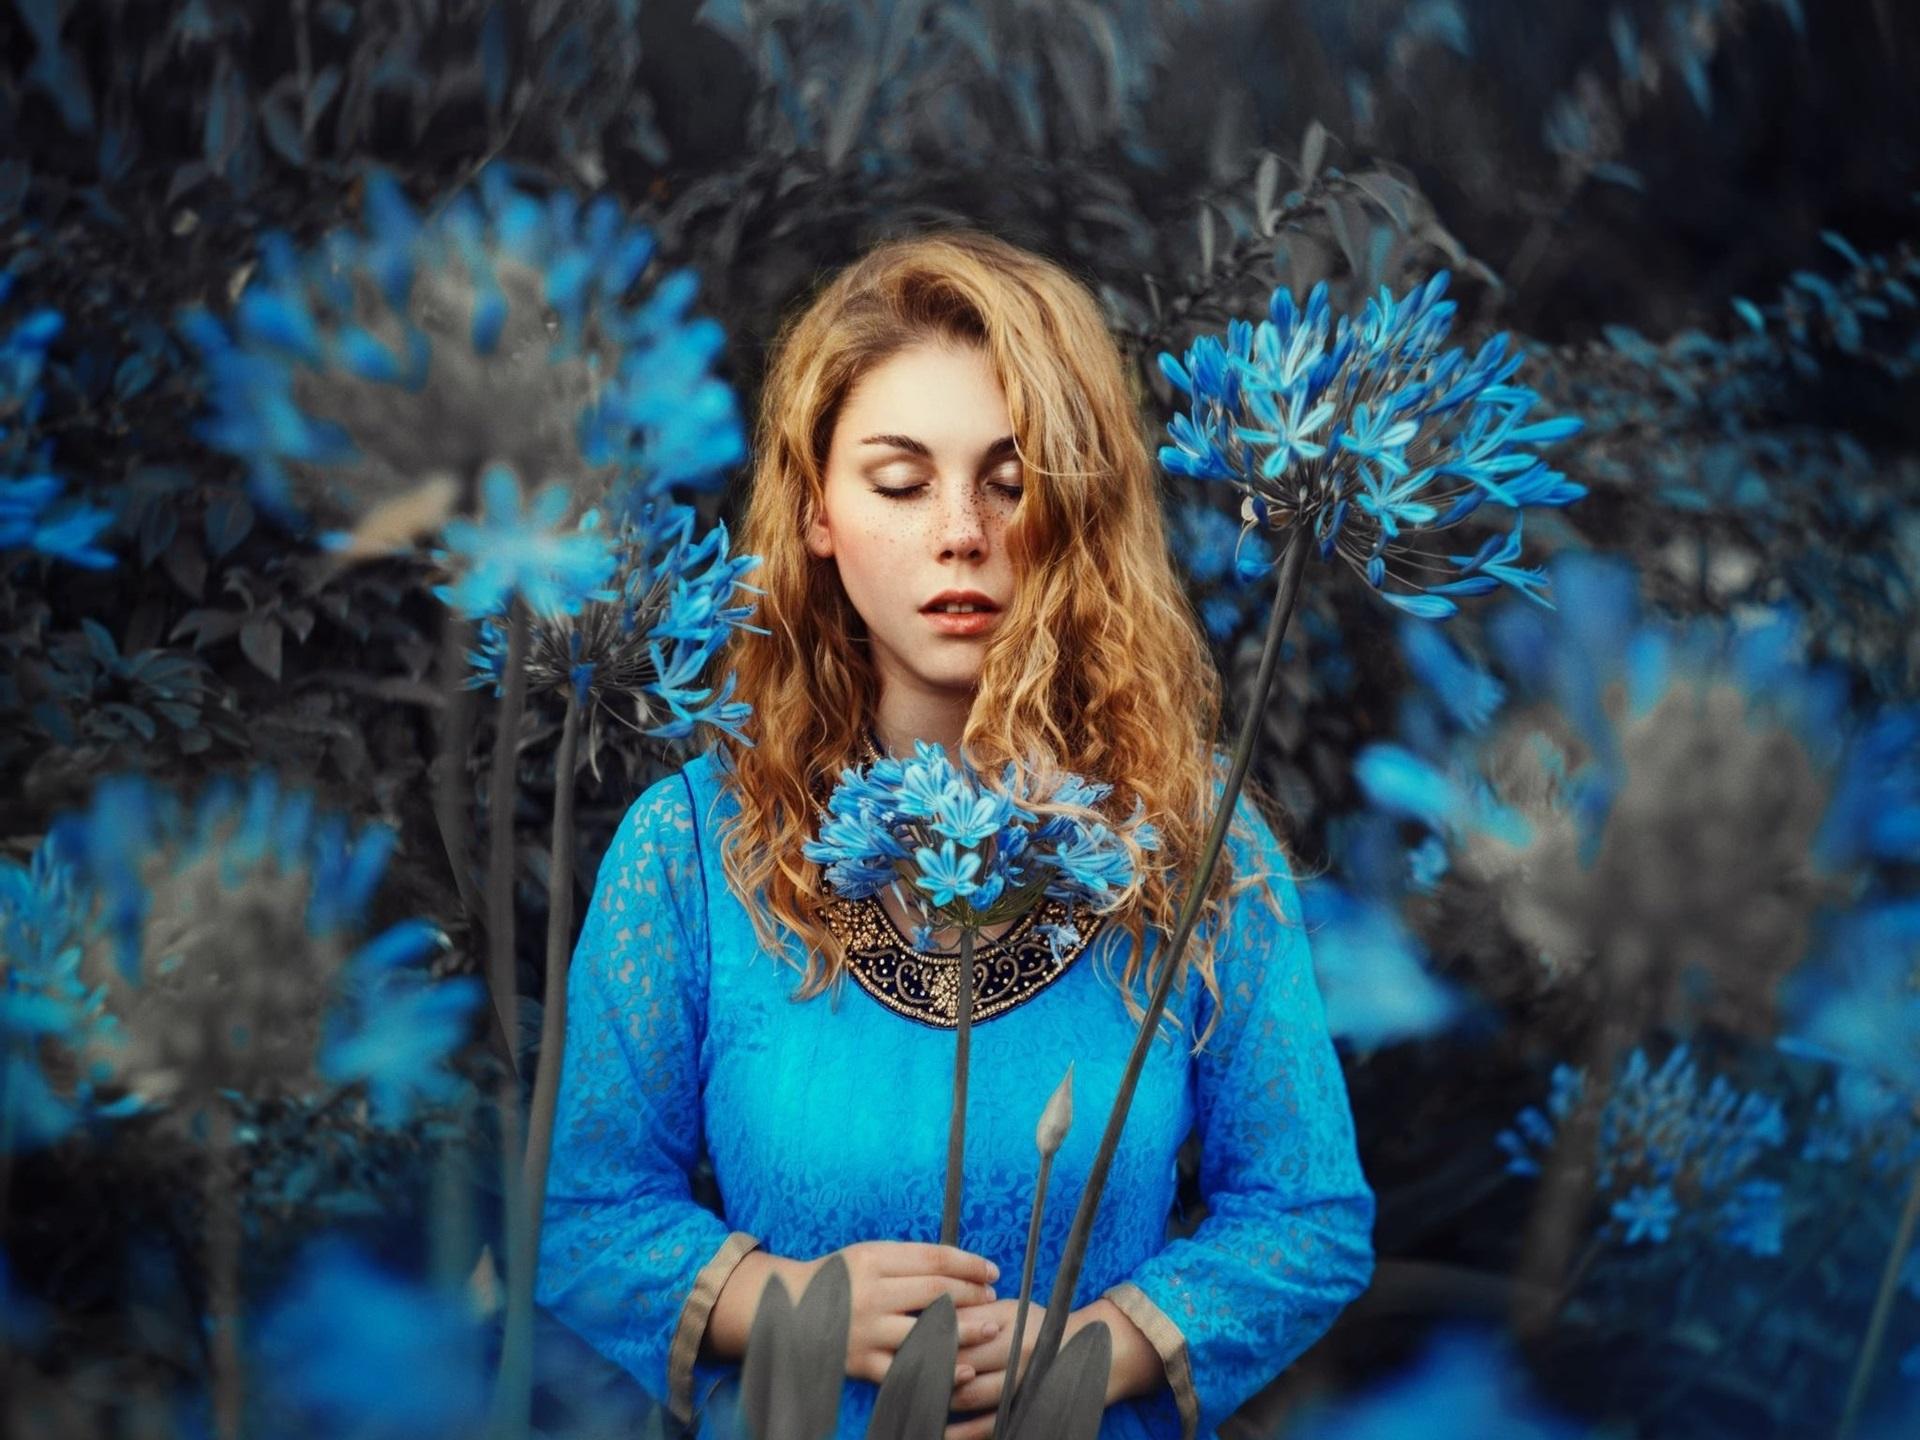 Обои Голубое платье девушка, блондинка, синие цветы, закрытые ...